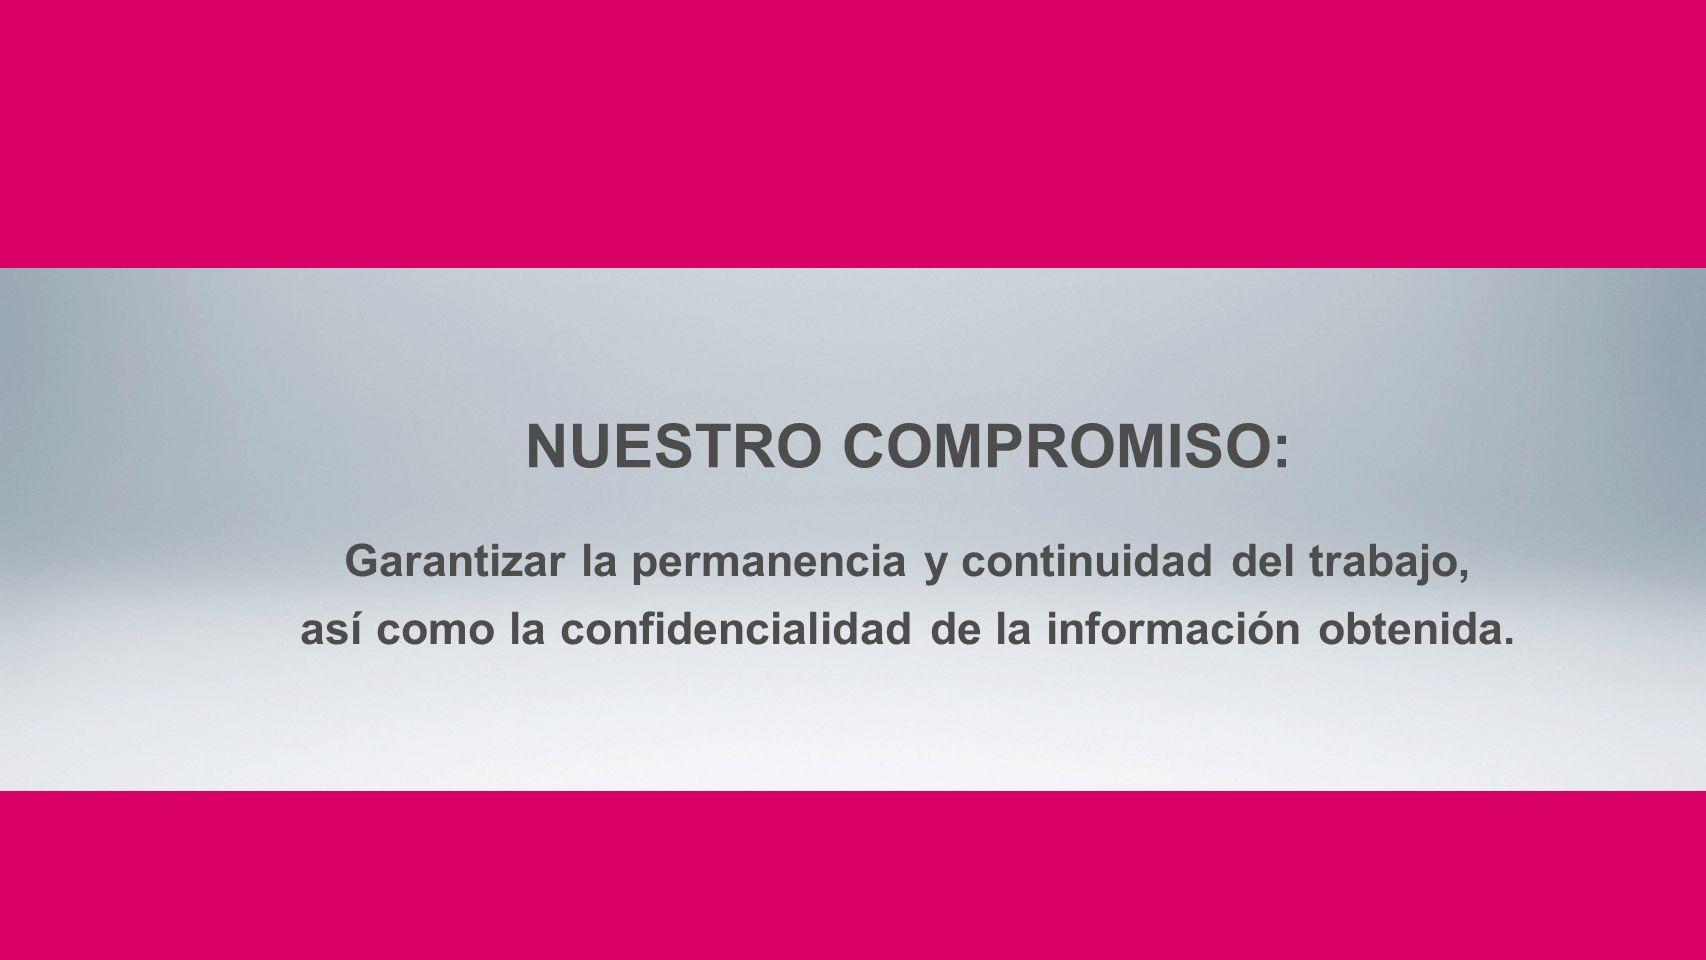 Garantizar la permanencia y continuidad del trabajo, así como la confidencialidad de la información obtenida. NUESTRO COMPROMISO: